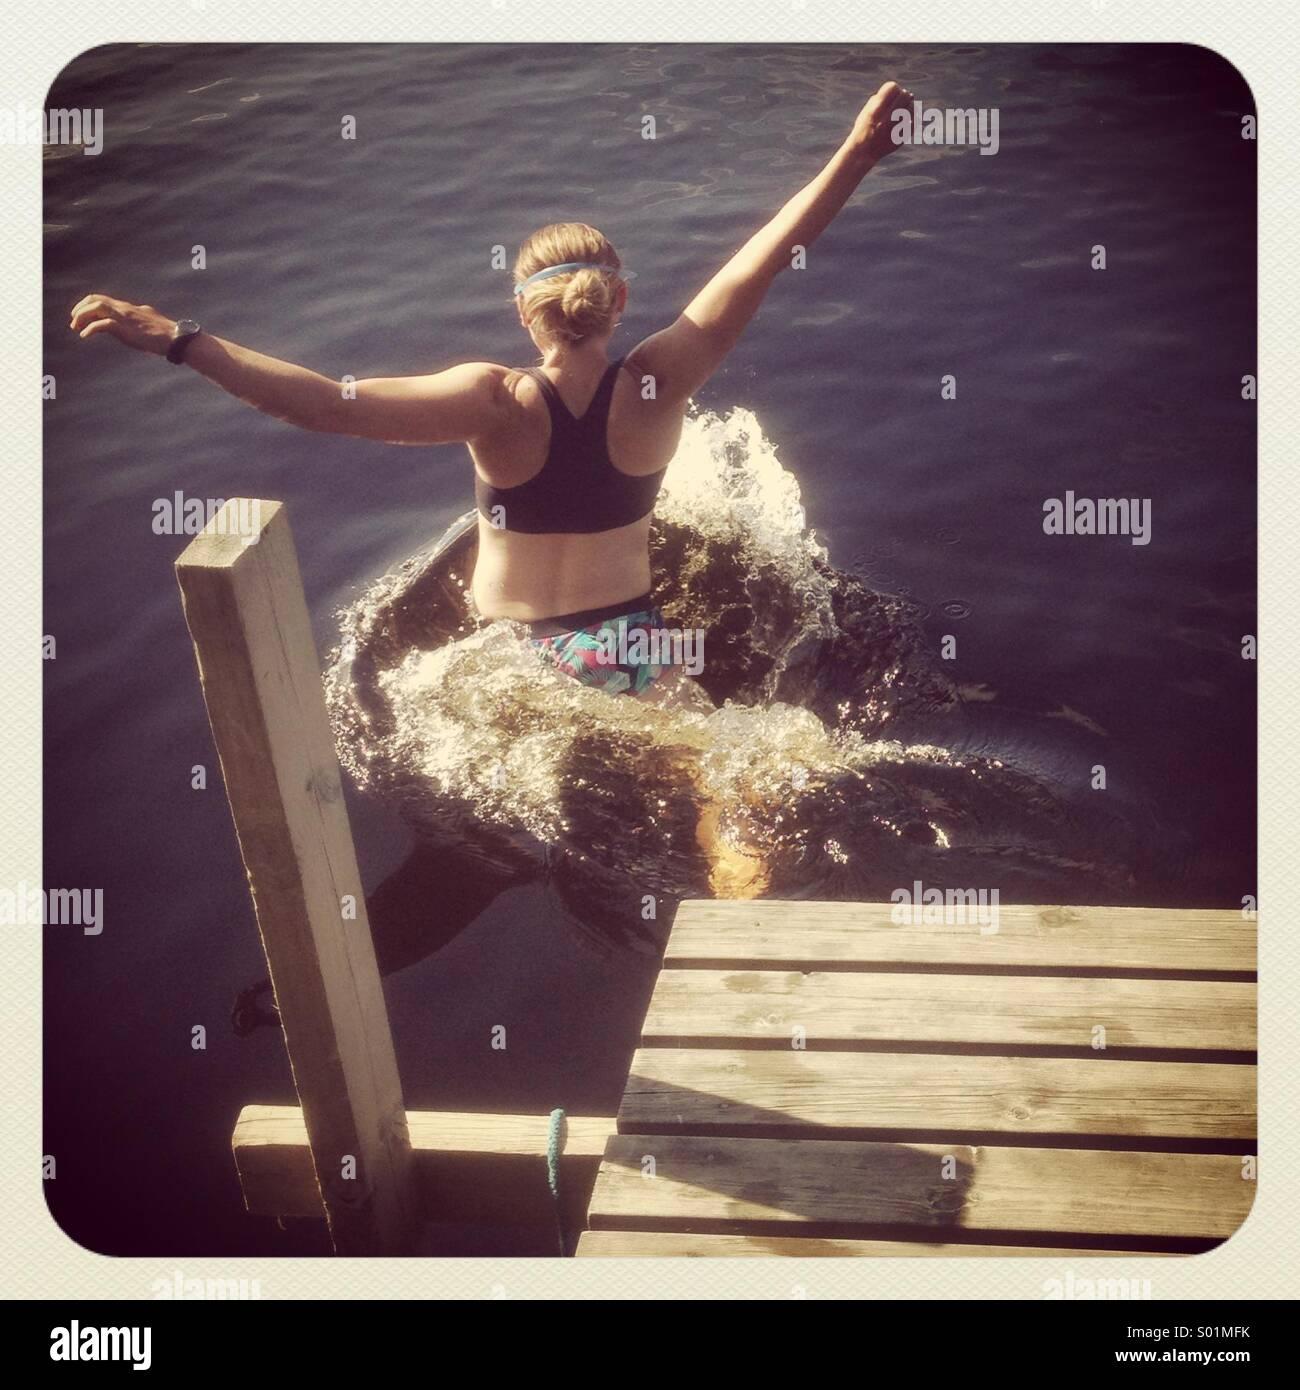 Eine Frau an einem Pier in einen See springen Stockbild